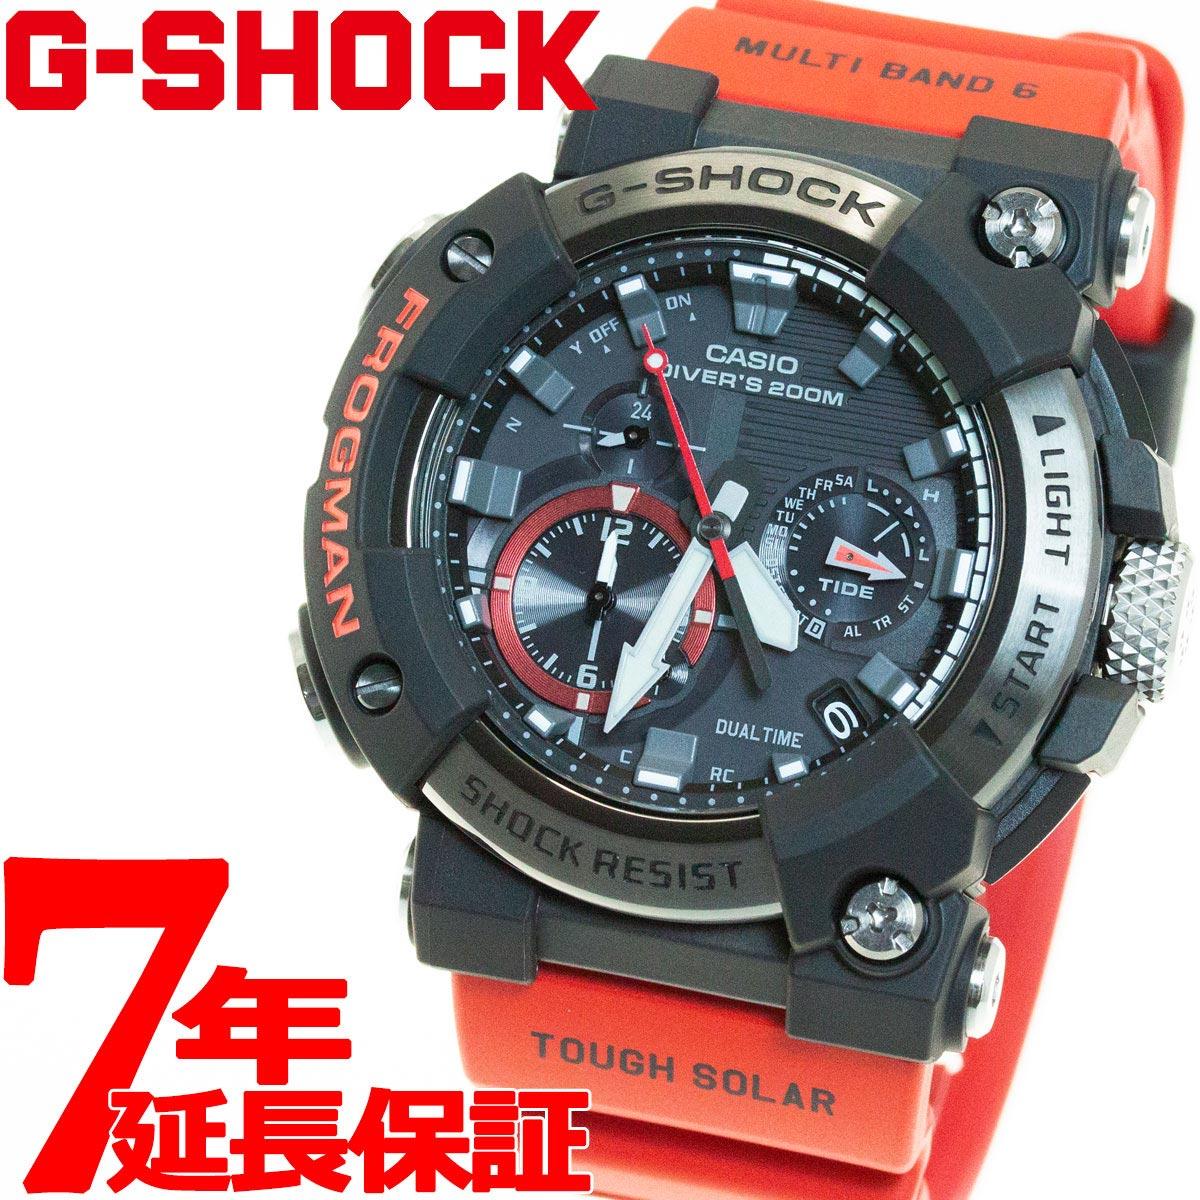 腕時計, メンズ腕時計 2001OFF37202359G-SHOCK G CASIO FROGMAN MASTER OF G GWF-A1000-1A4JF2020